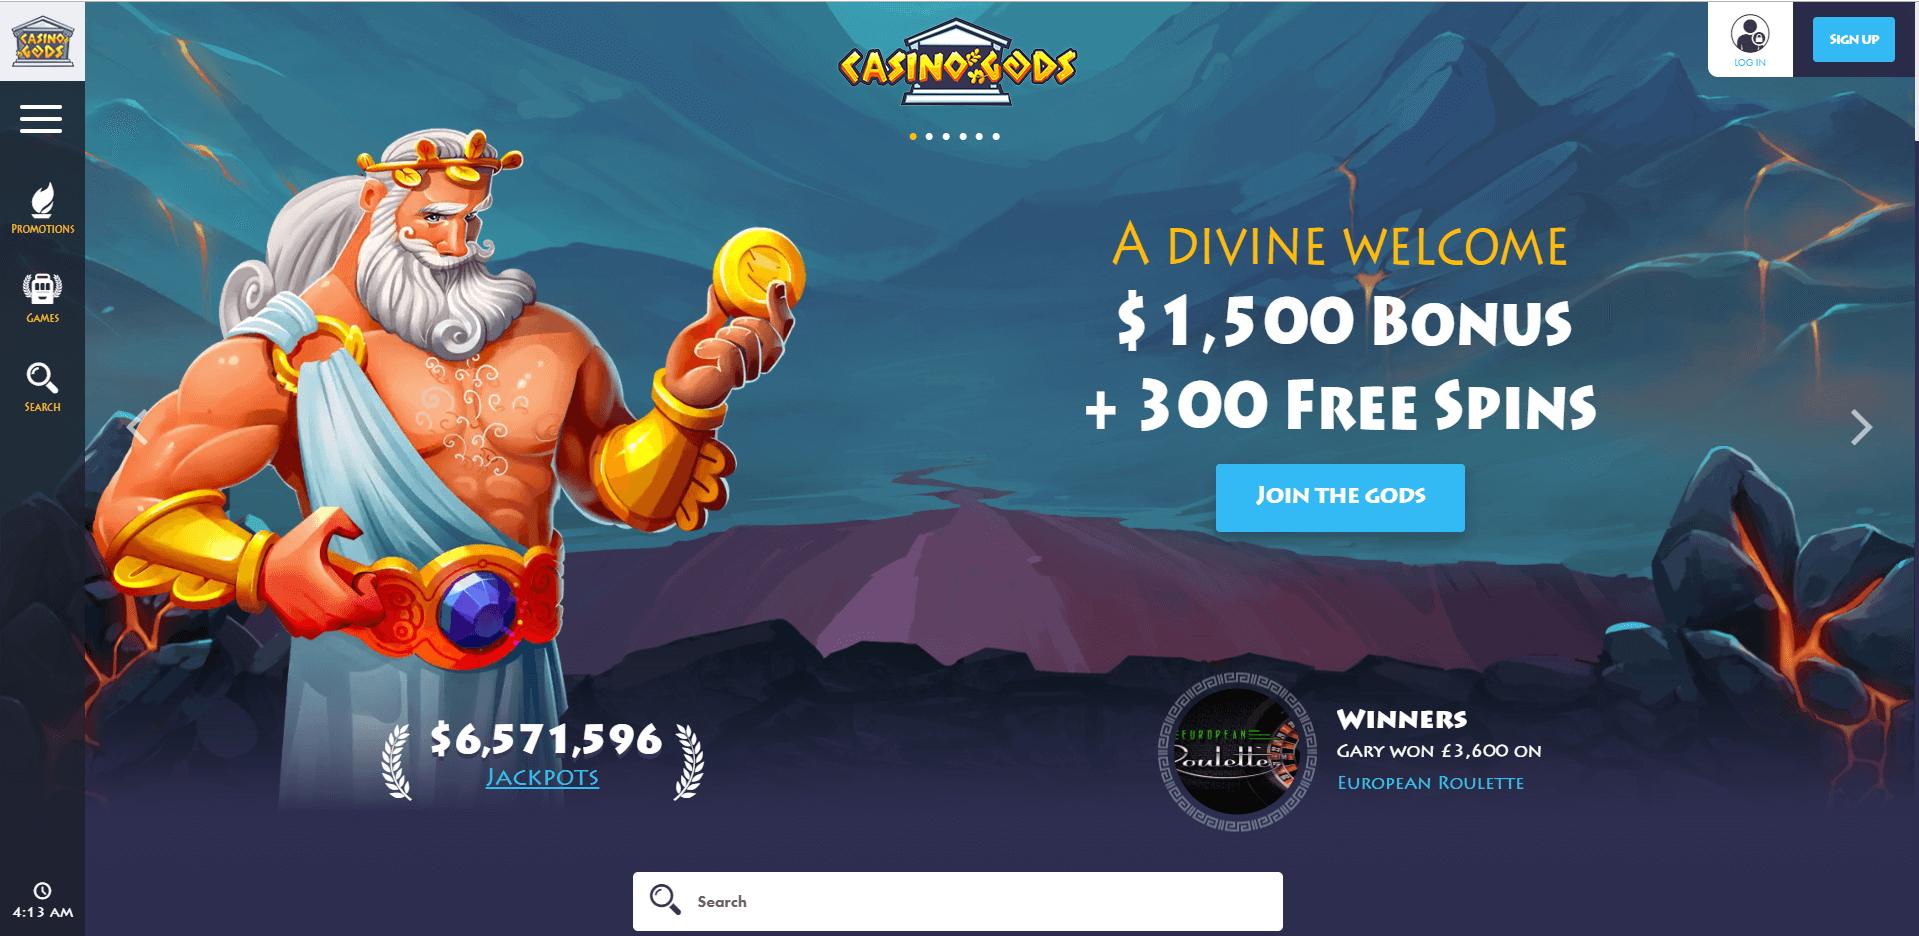 CasinoGods home desktop